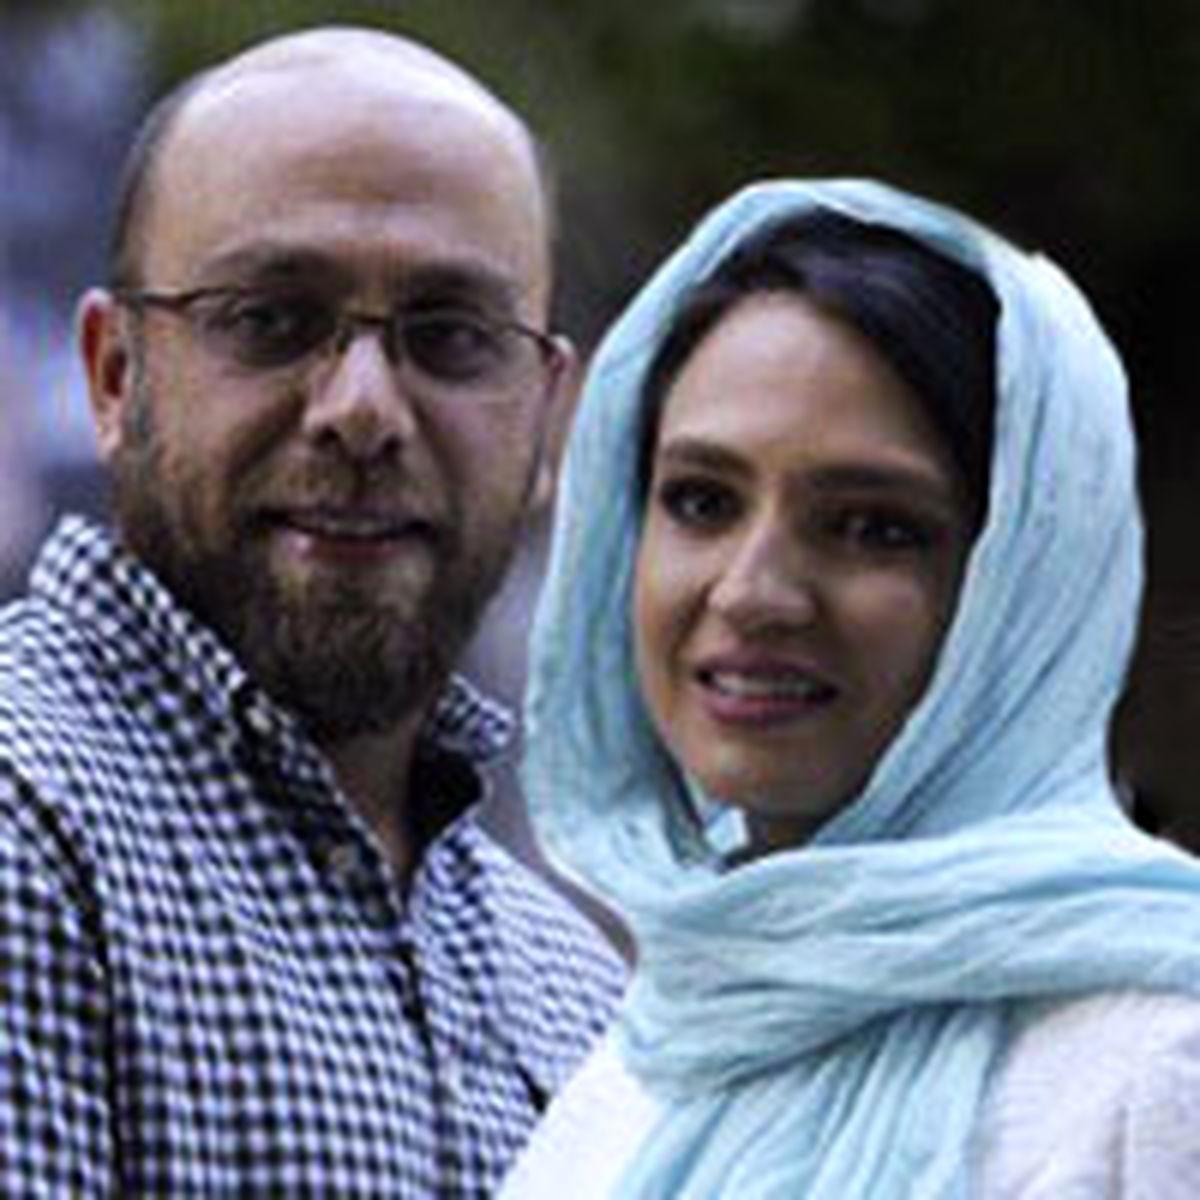 گلاره عباسی در اکران خصوصی با همراهی همسرش دیده شد +عکس